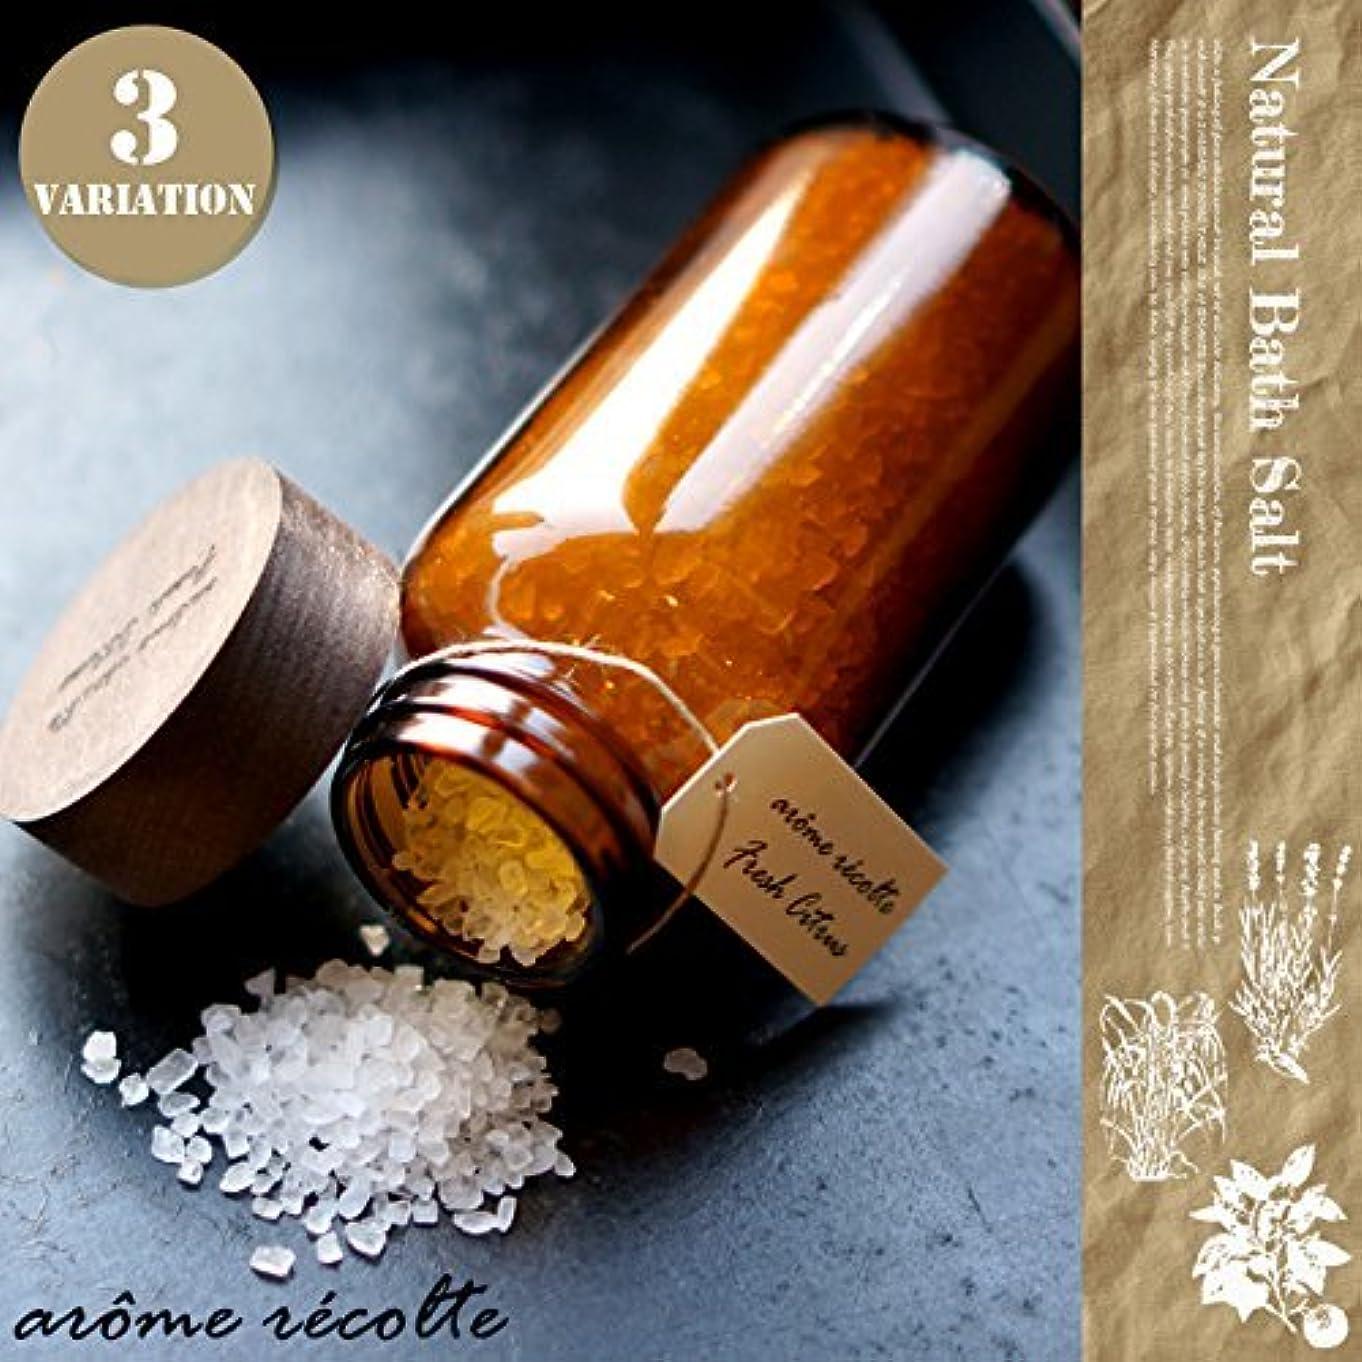 エトナ山マーチャンダイジングクリームアロマレコルト ナチュラル バスソルト (フローラル【Floral】, 200g)